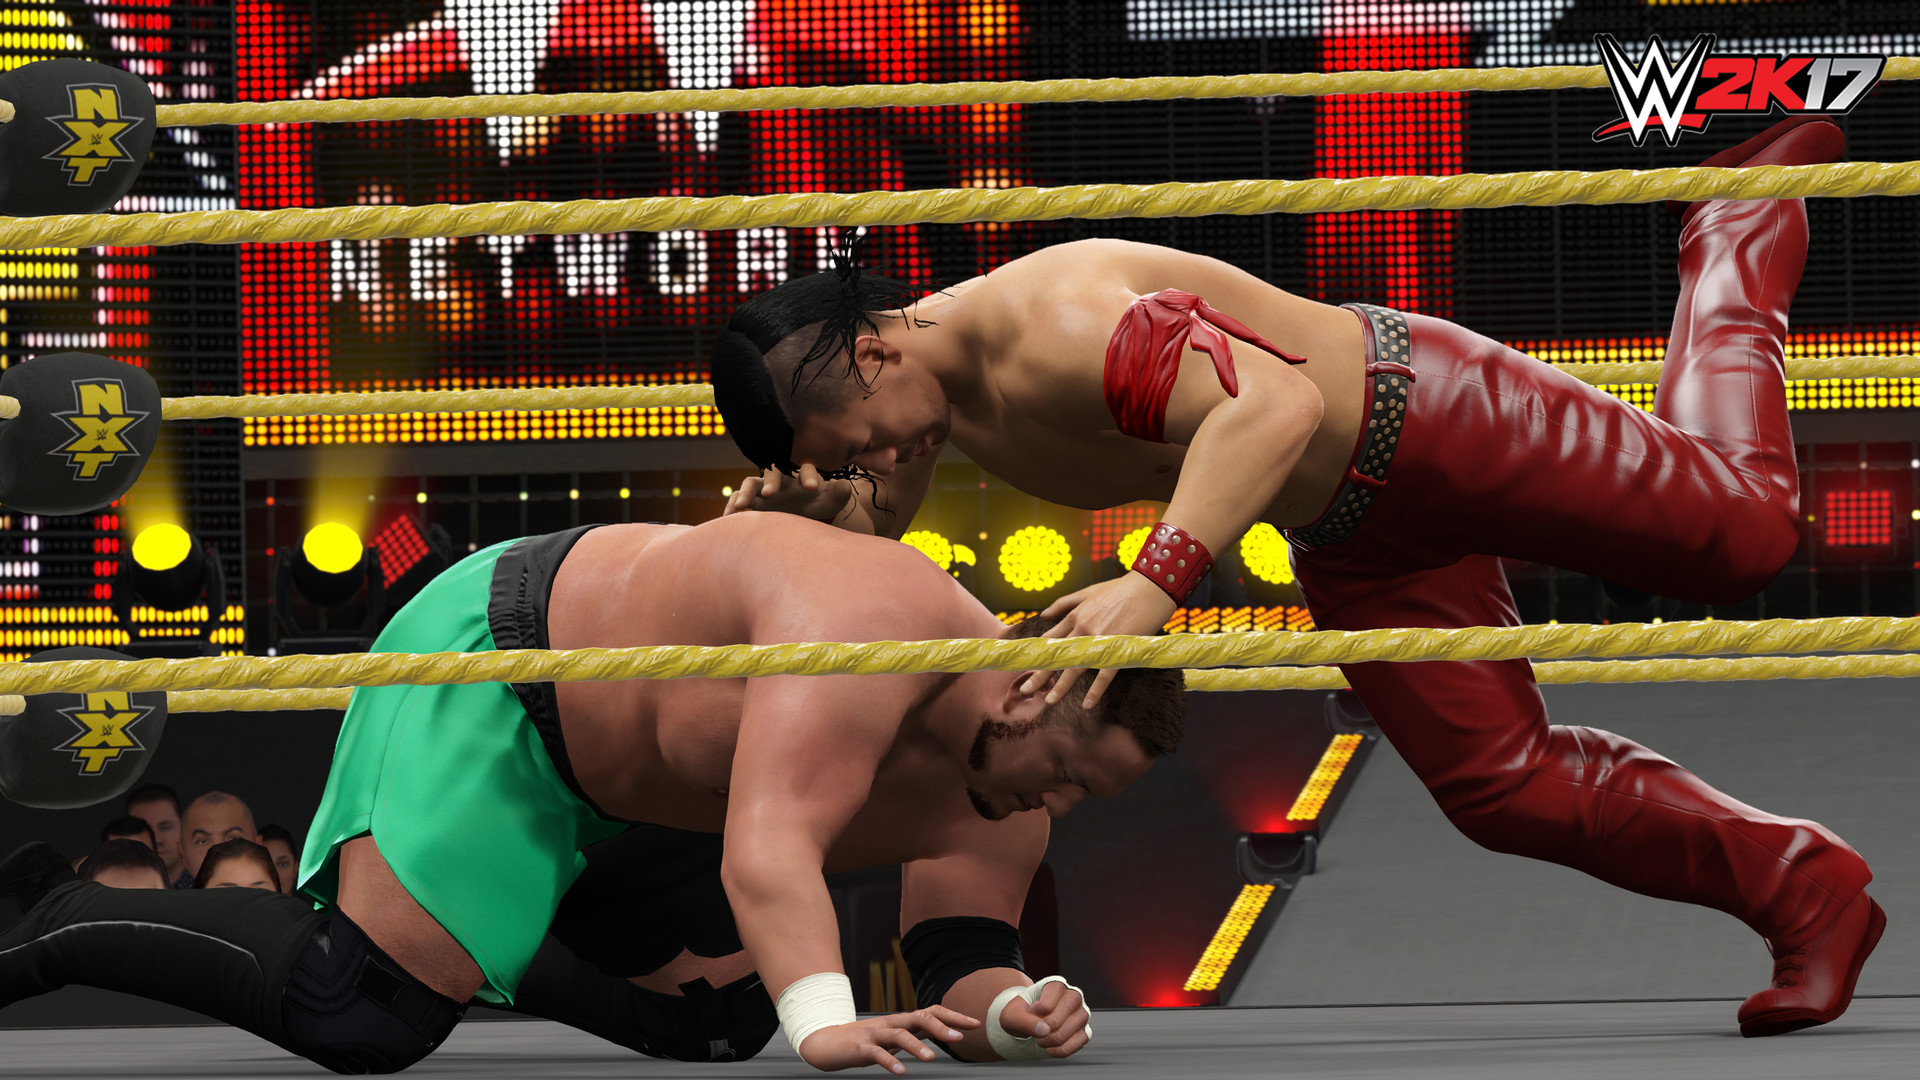 WWE 2K17 Screenshot 3